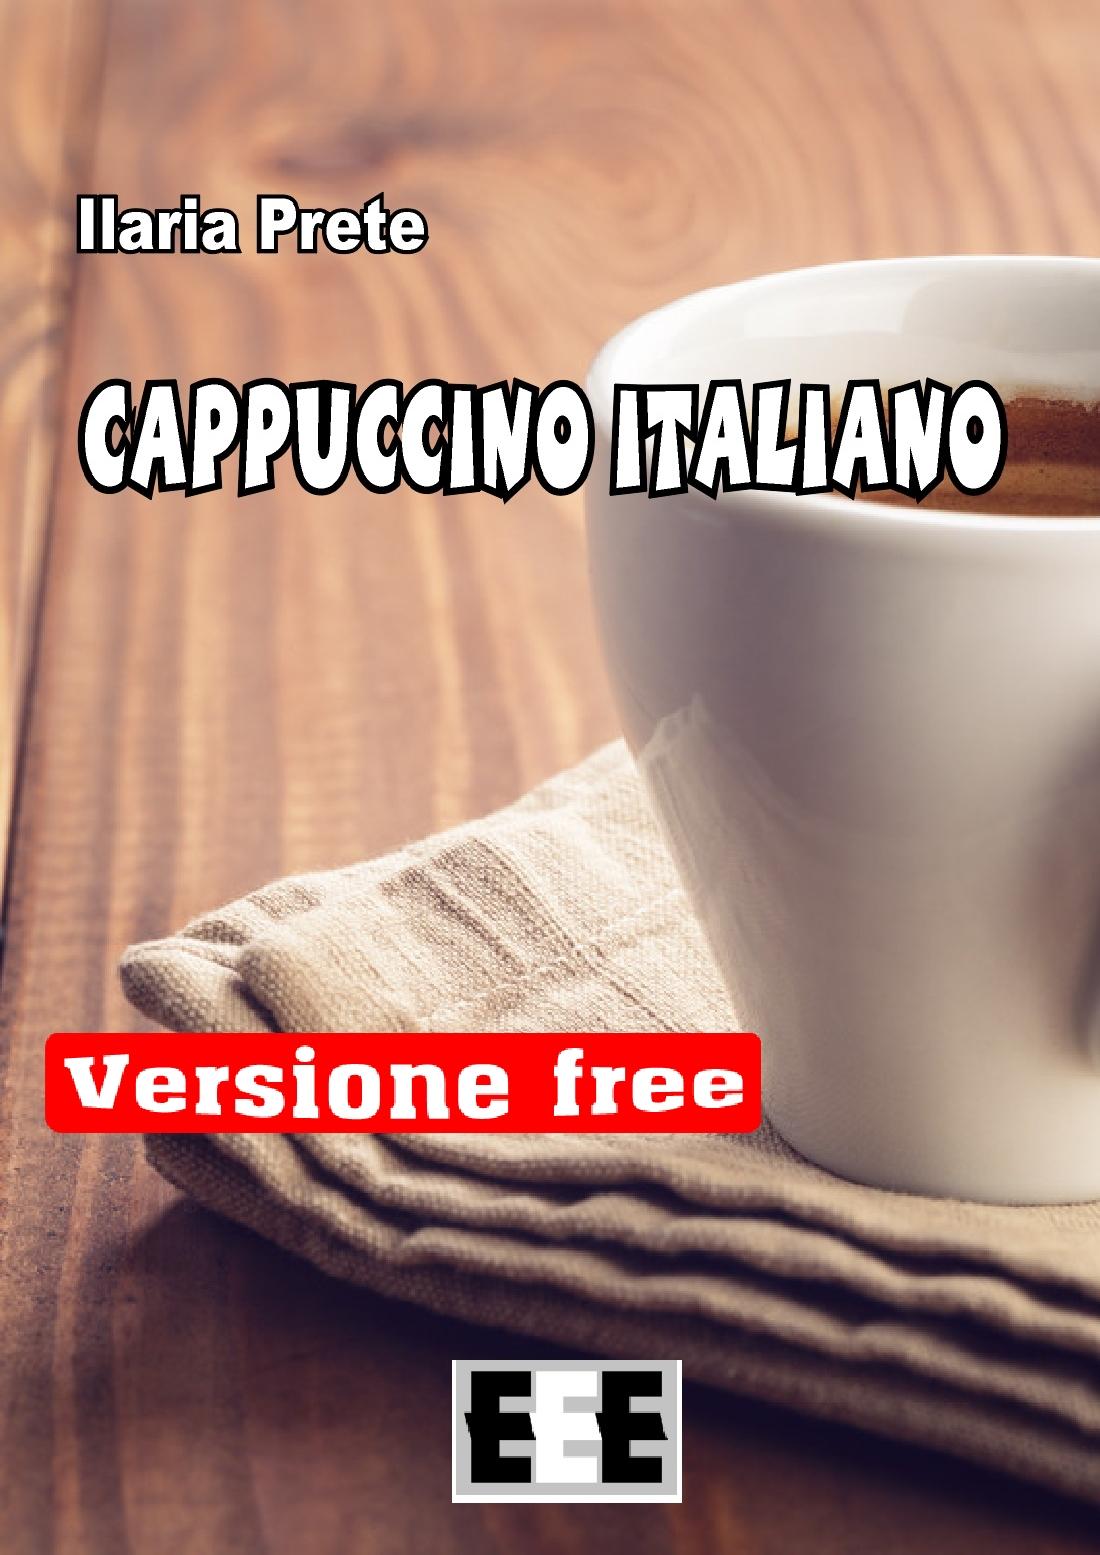 Prete_cover_FREE